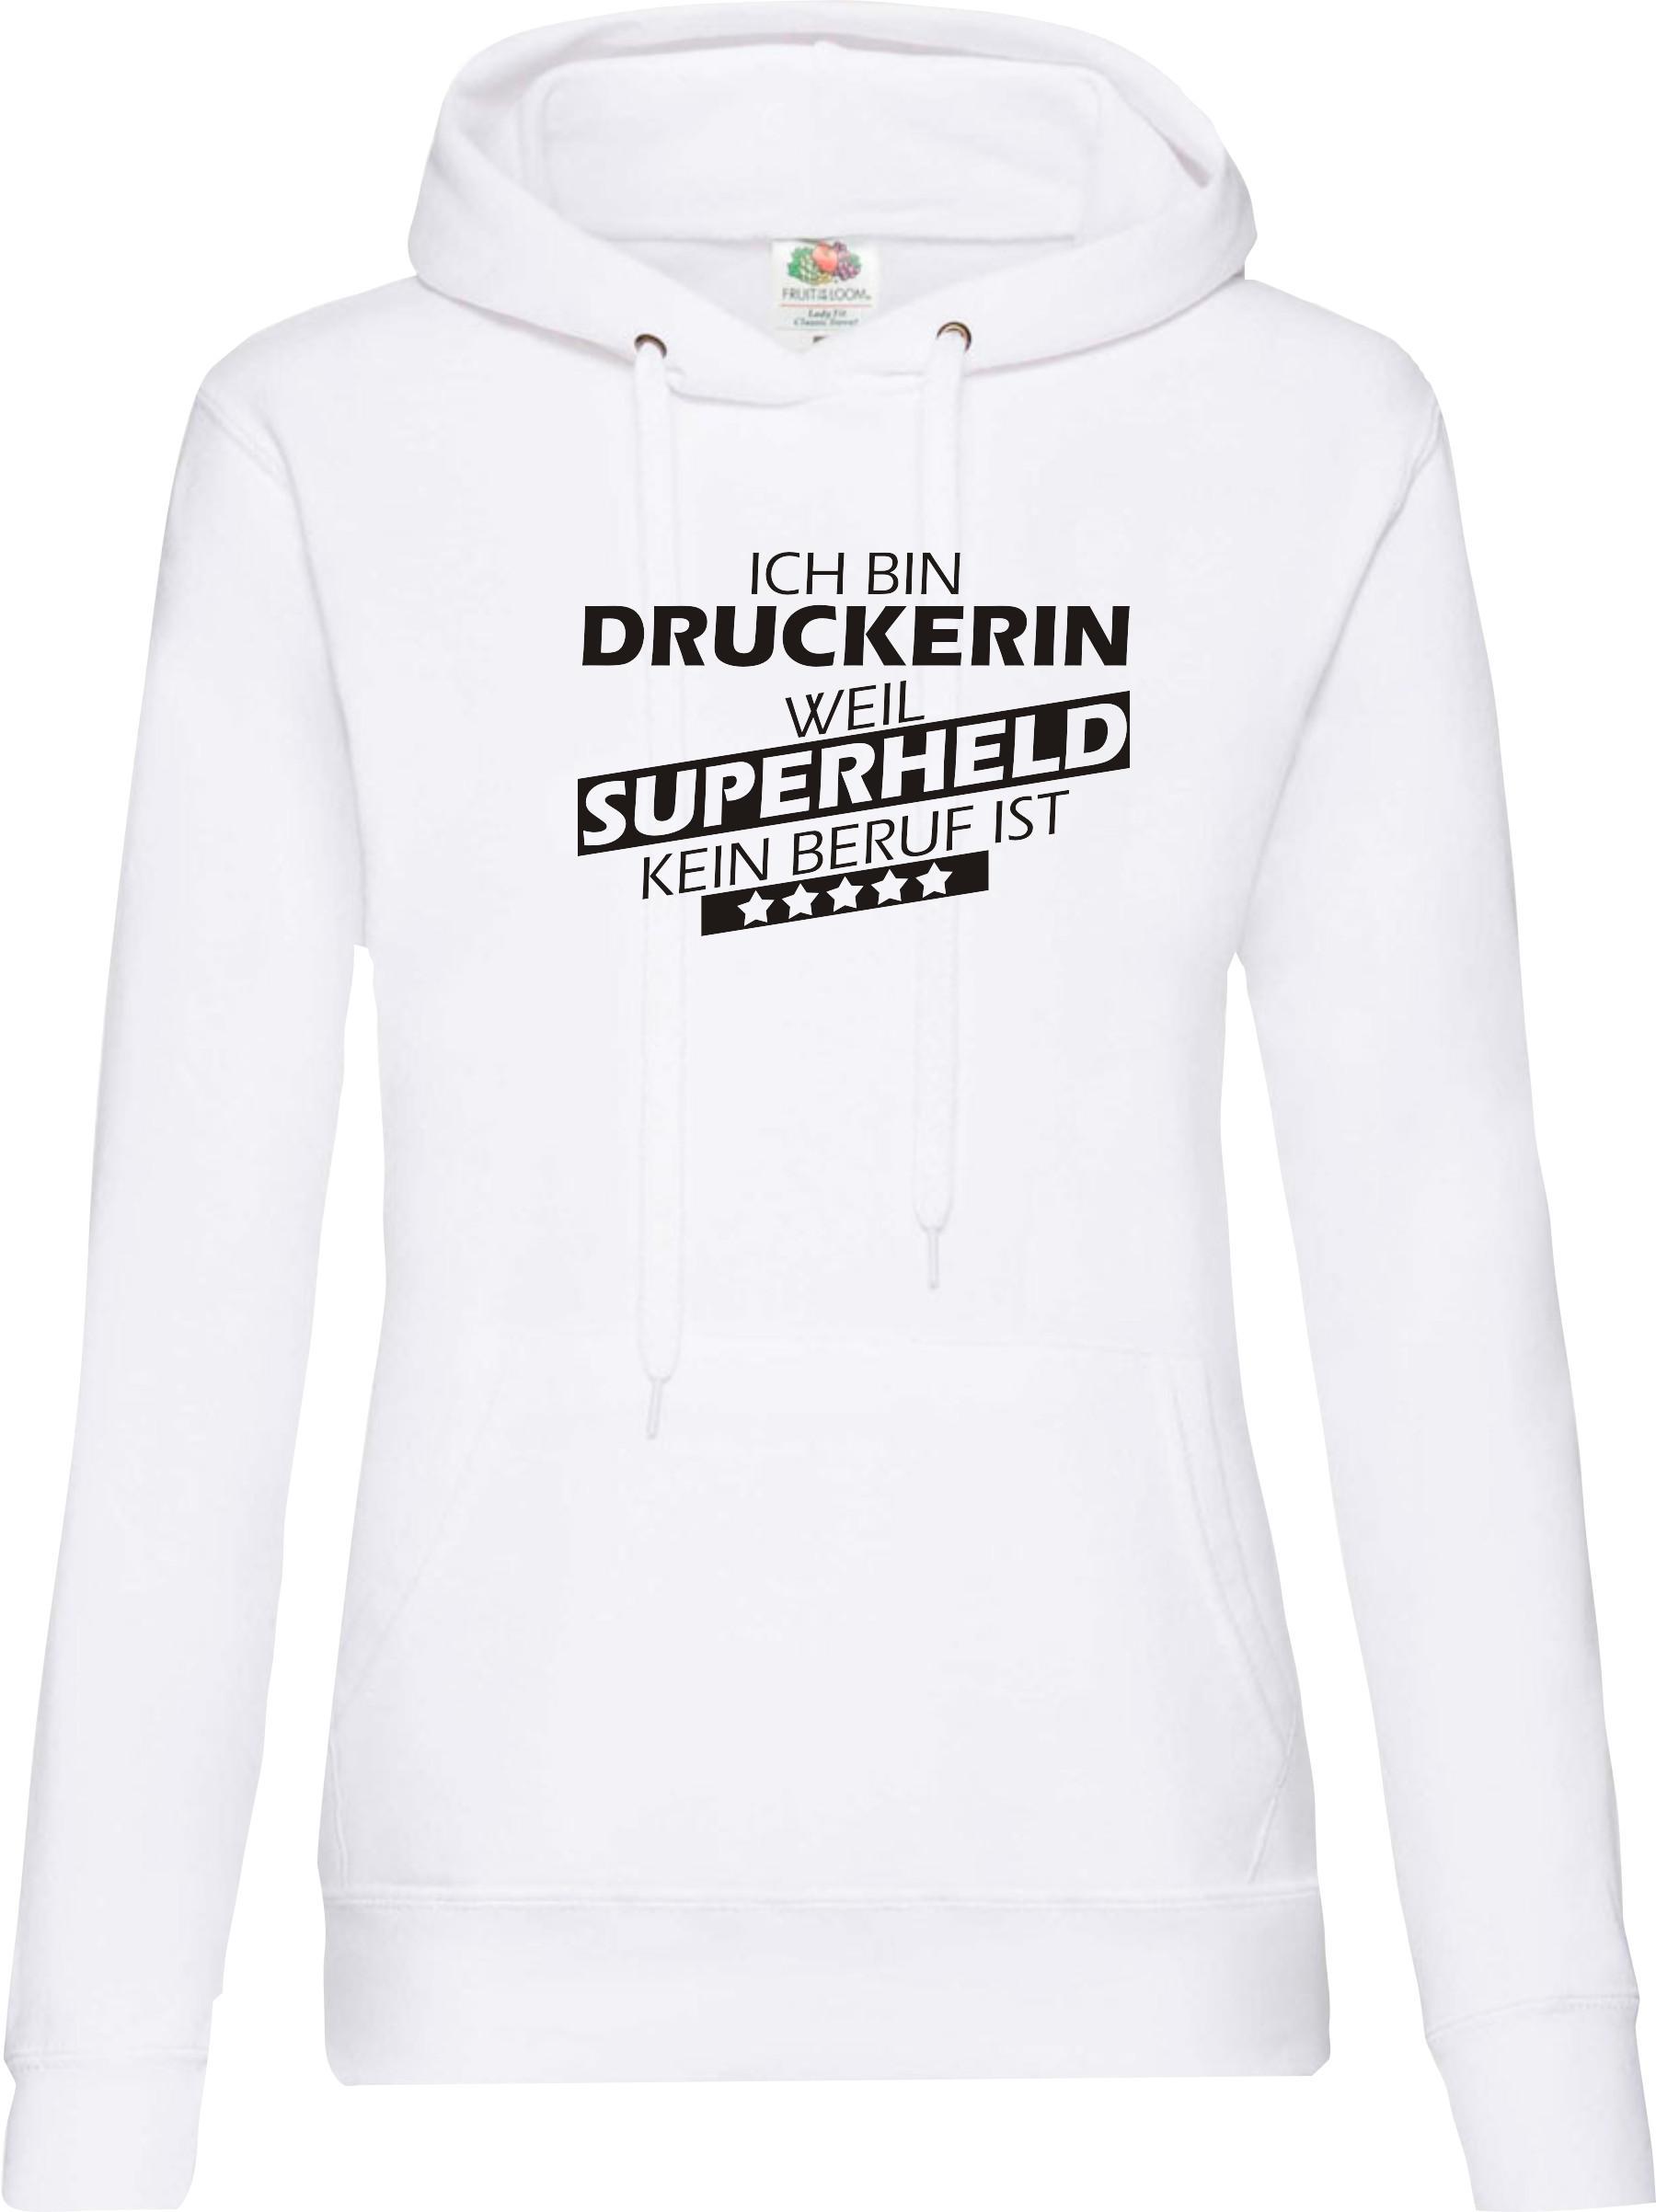 Lady-Kapuzensweatshirt-Ich-bin-Druckerin-weil-Superheld-kein-Beruf-ist-Groessen